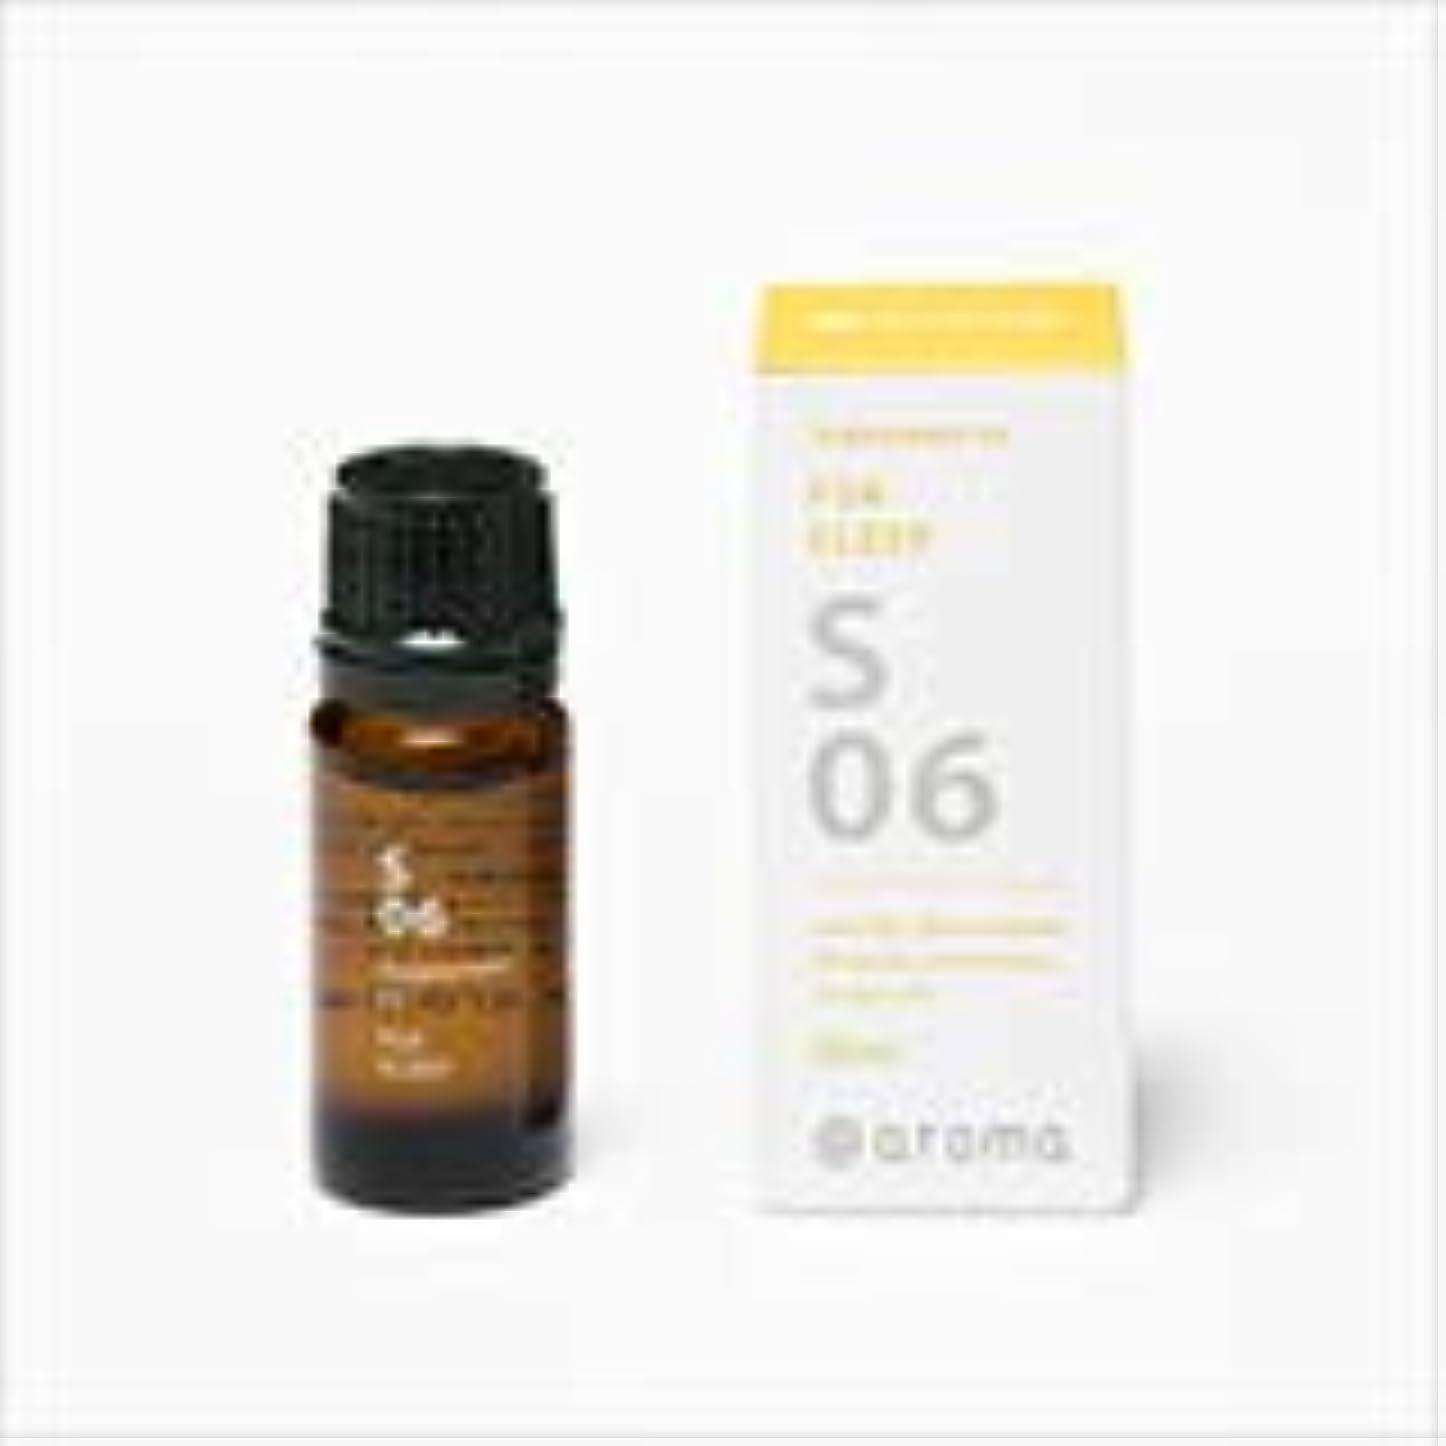 クリームオーガニック付与アットアロマ 100%pure essential oil <Supplement air メディテーション>